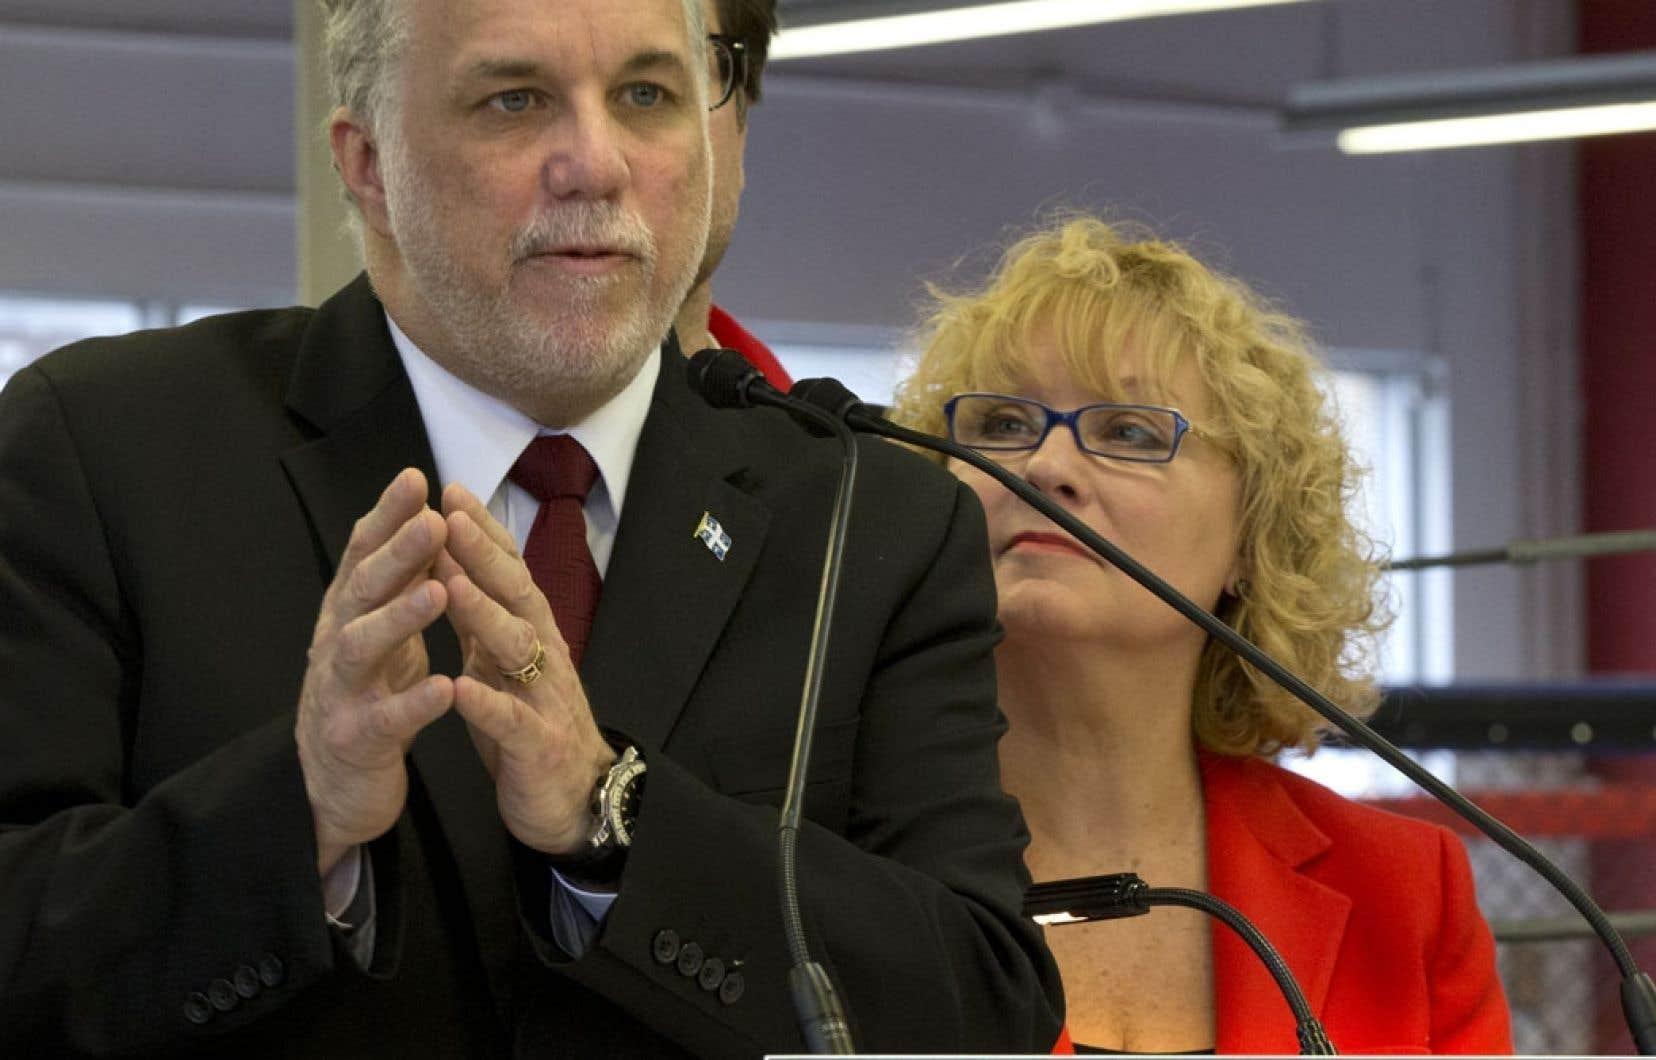 Le chef du PLQ, Philippe Couillard, ici en compagnie de la députée sortante Marguerite Blais, a manifesté en début de campagne son désir de voir le Québec signer la Constitution du Canada.